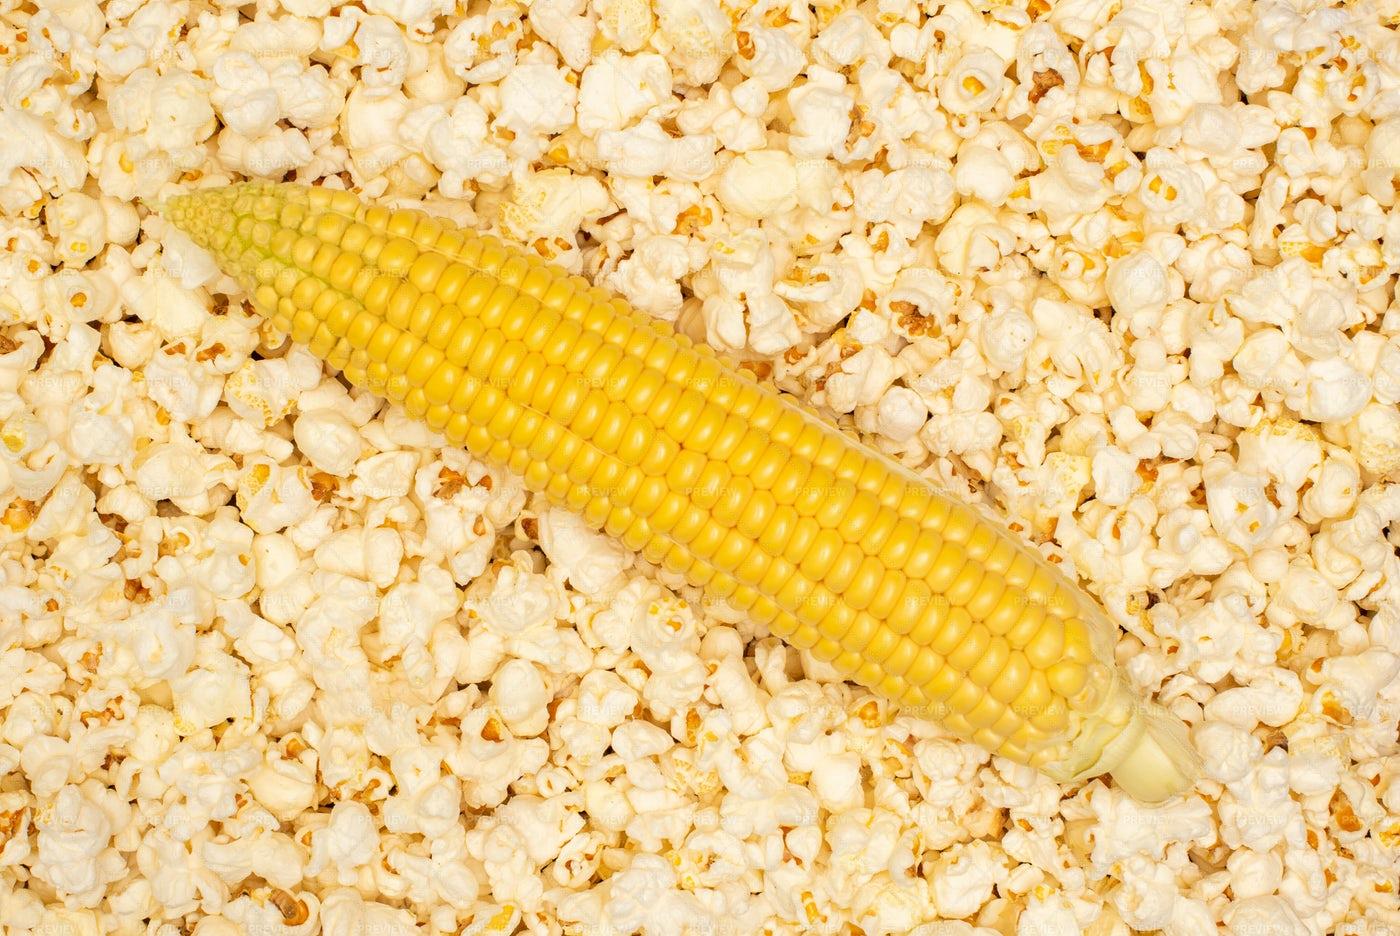 Corn Atop Popcorn: Stock Photos